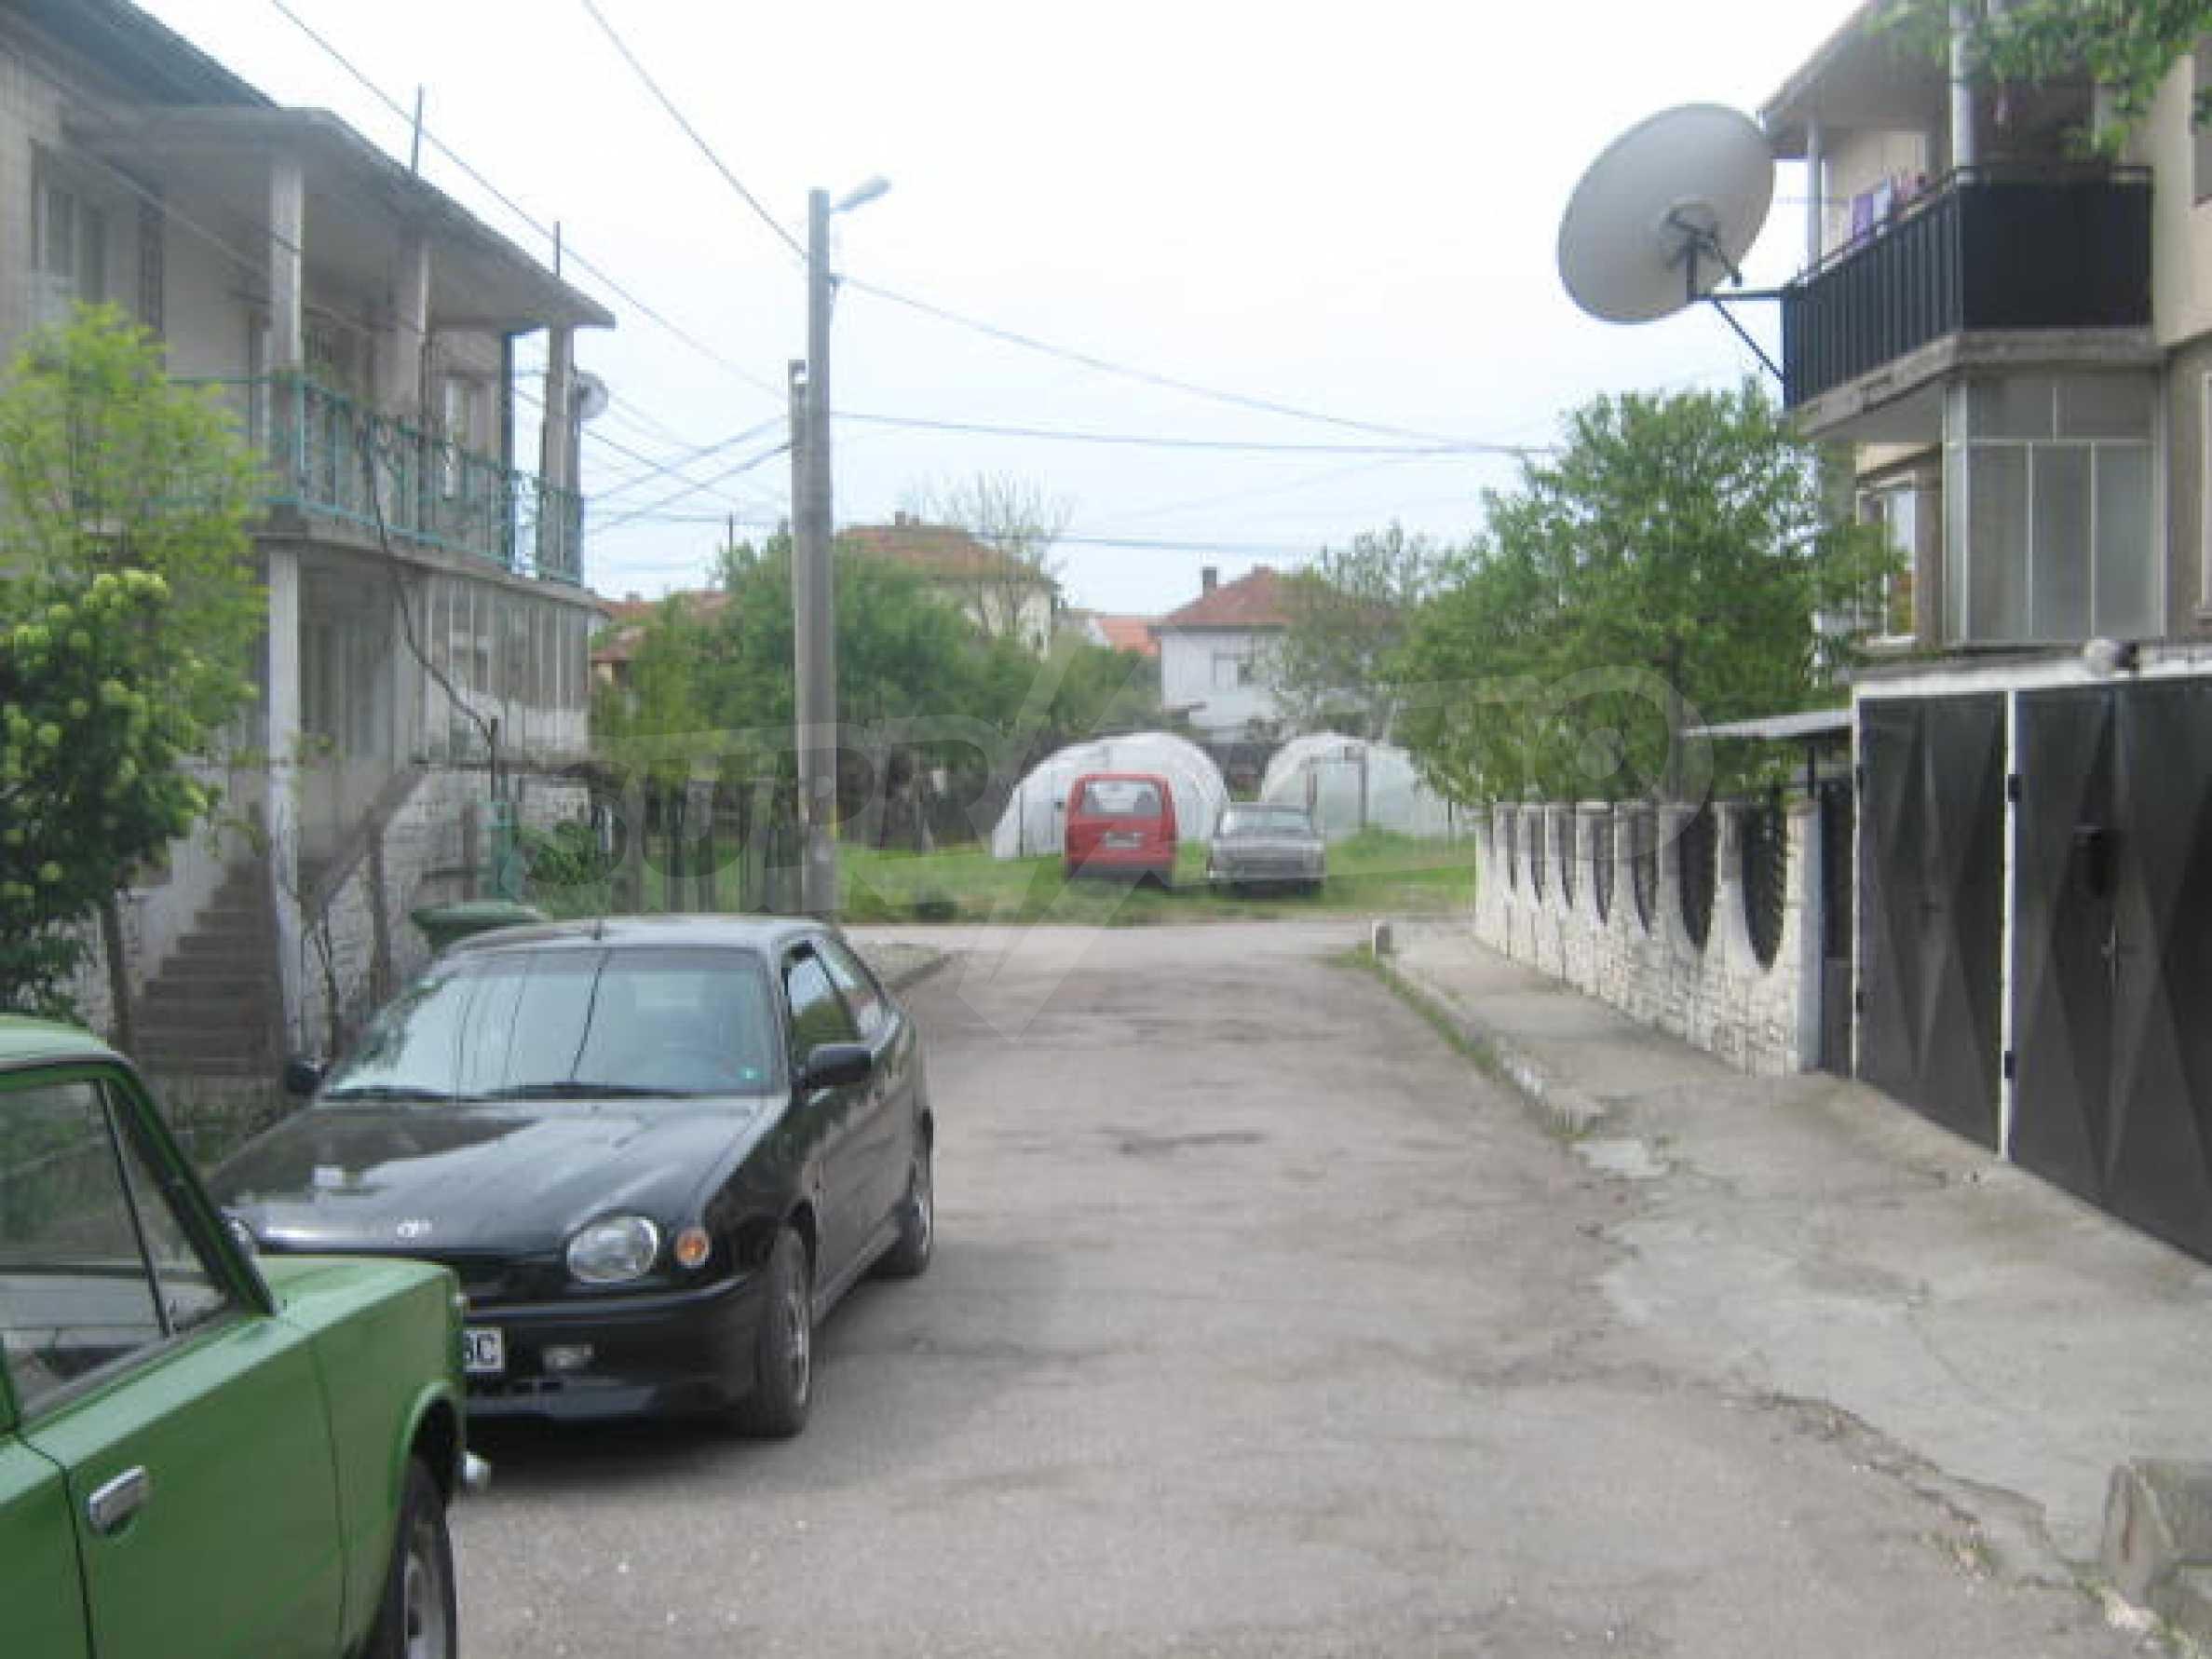 Продажа этажа дома в г. Видин 18